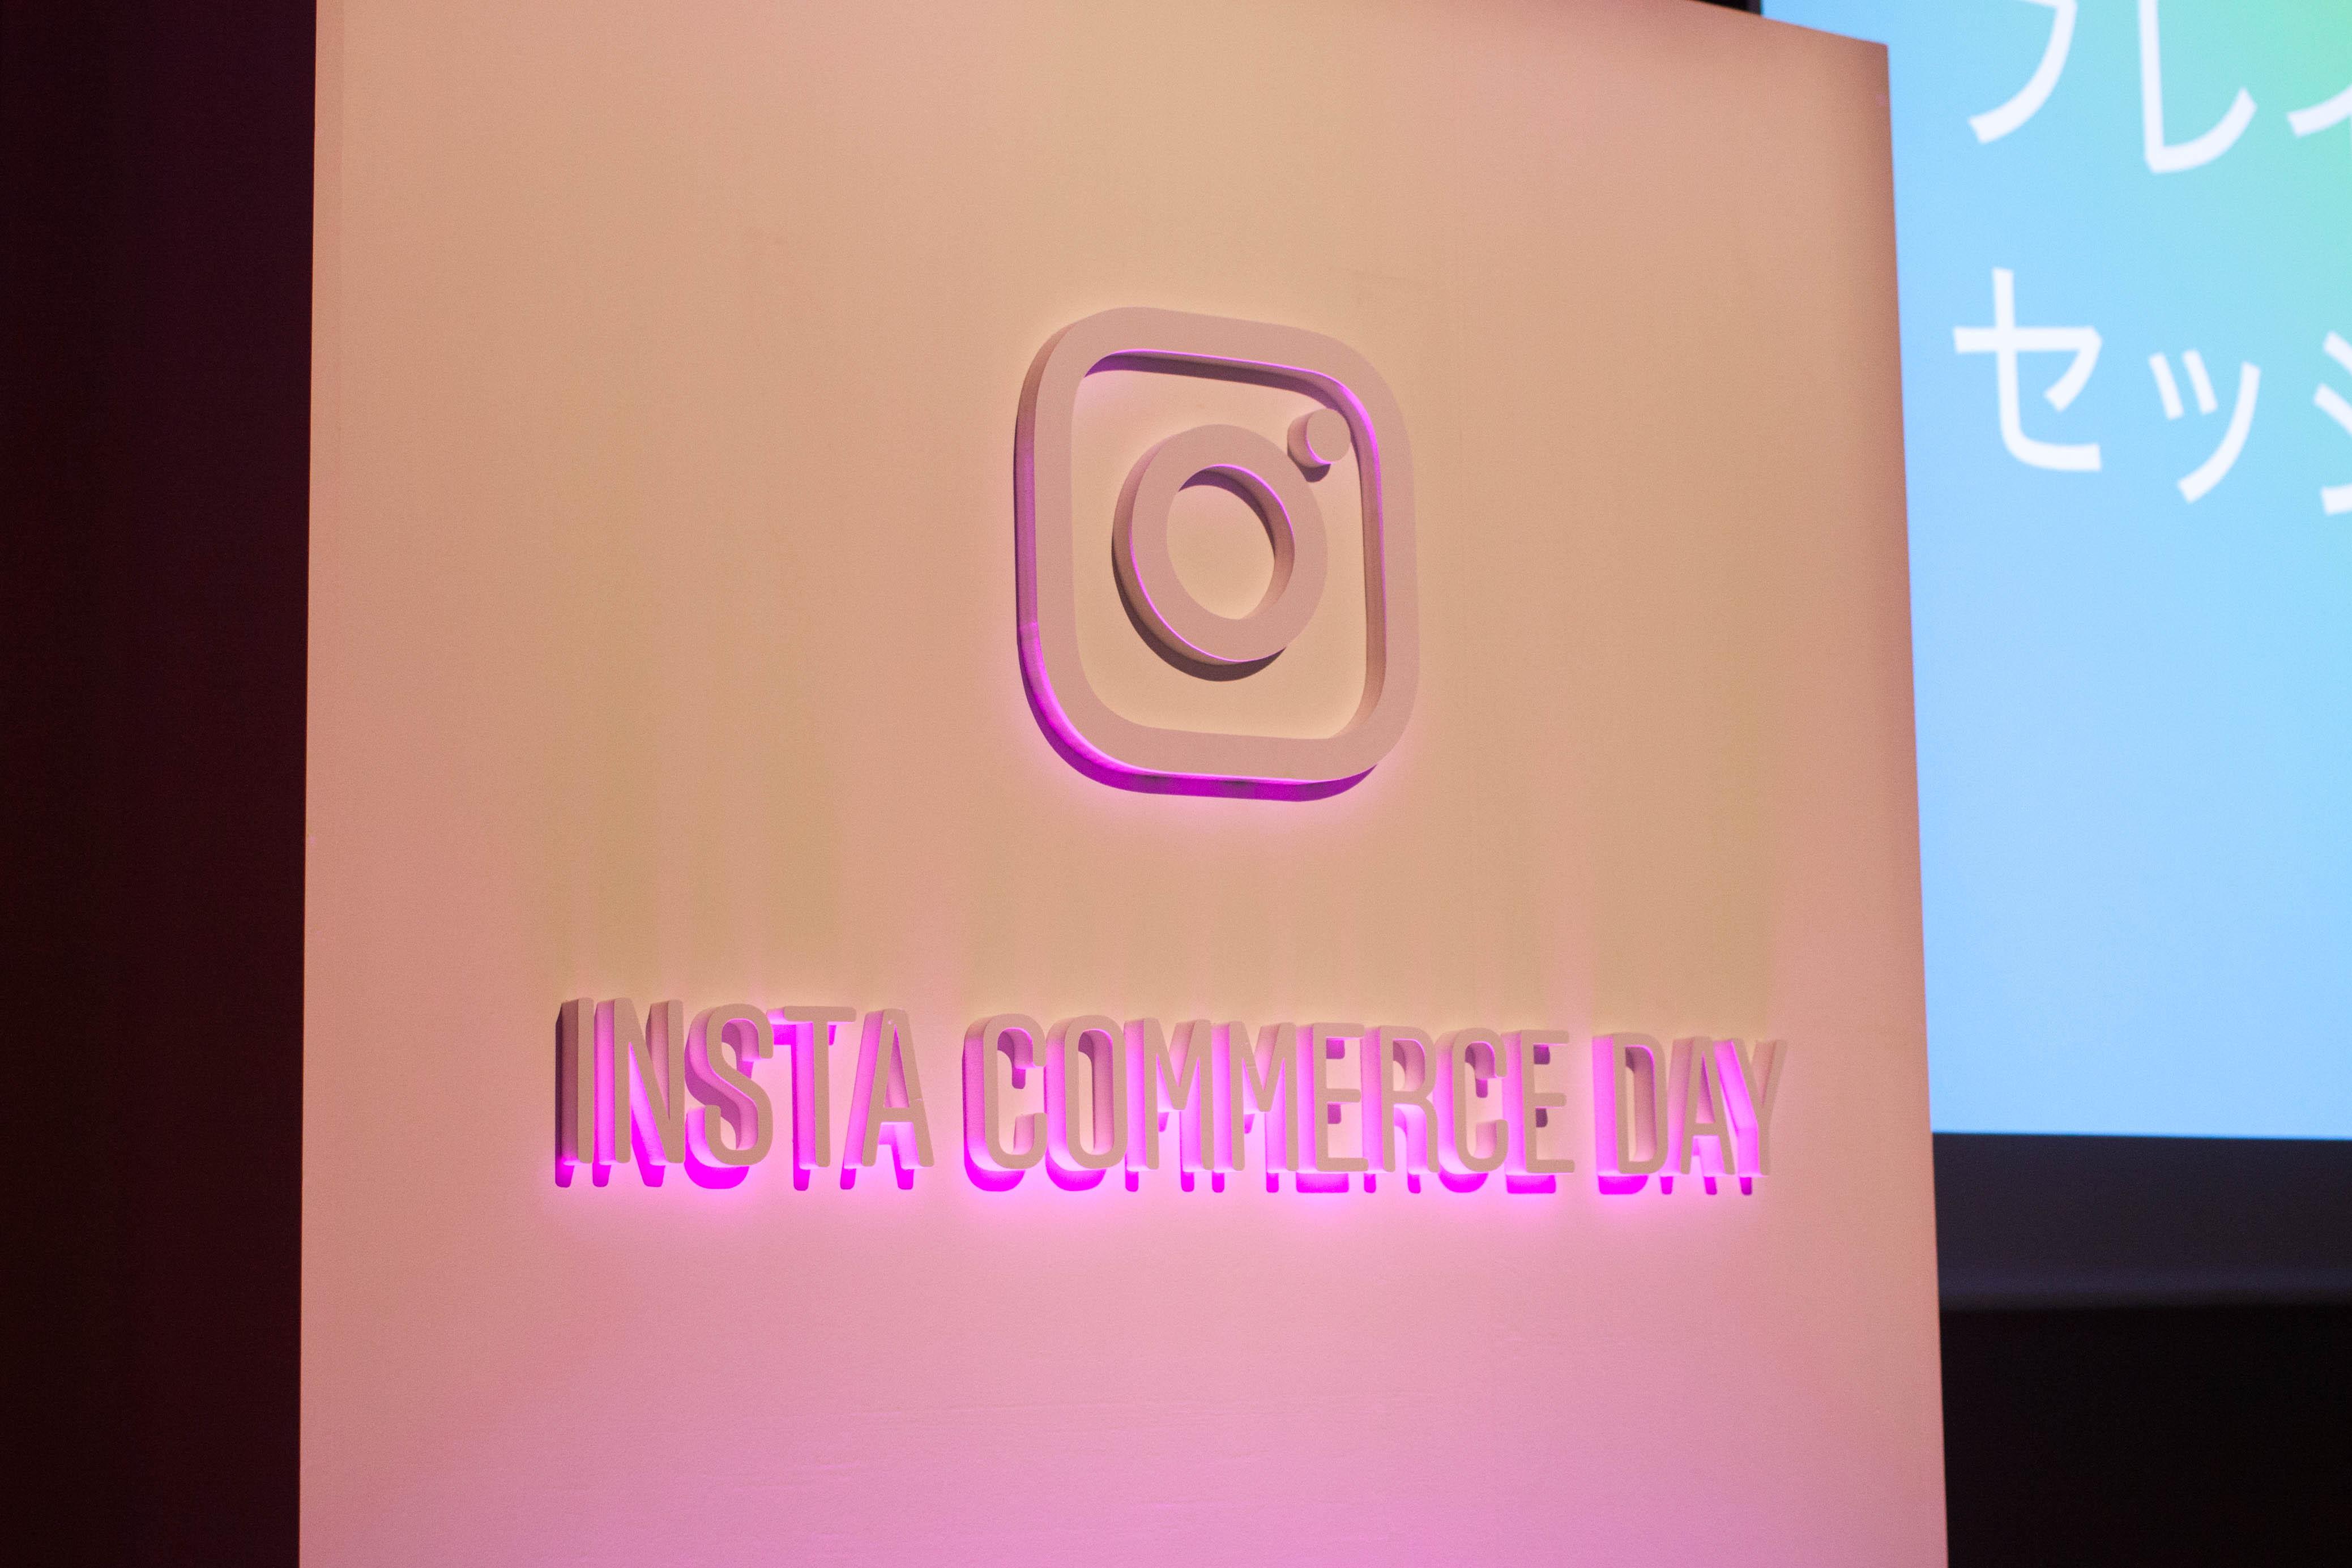 【イベントレポート】Instagram広告で認知から獲得まで! Insta Commerce Dayで紹介された先進企業の事例やTipsまとめ